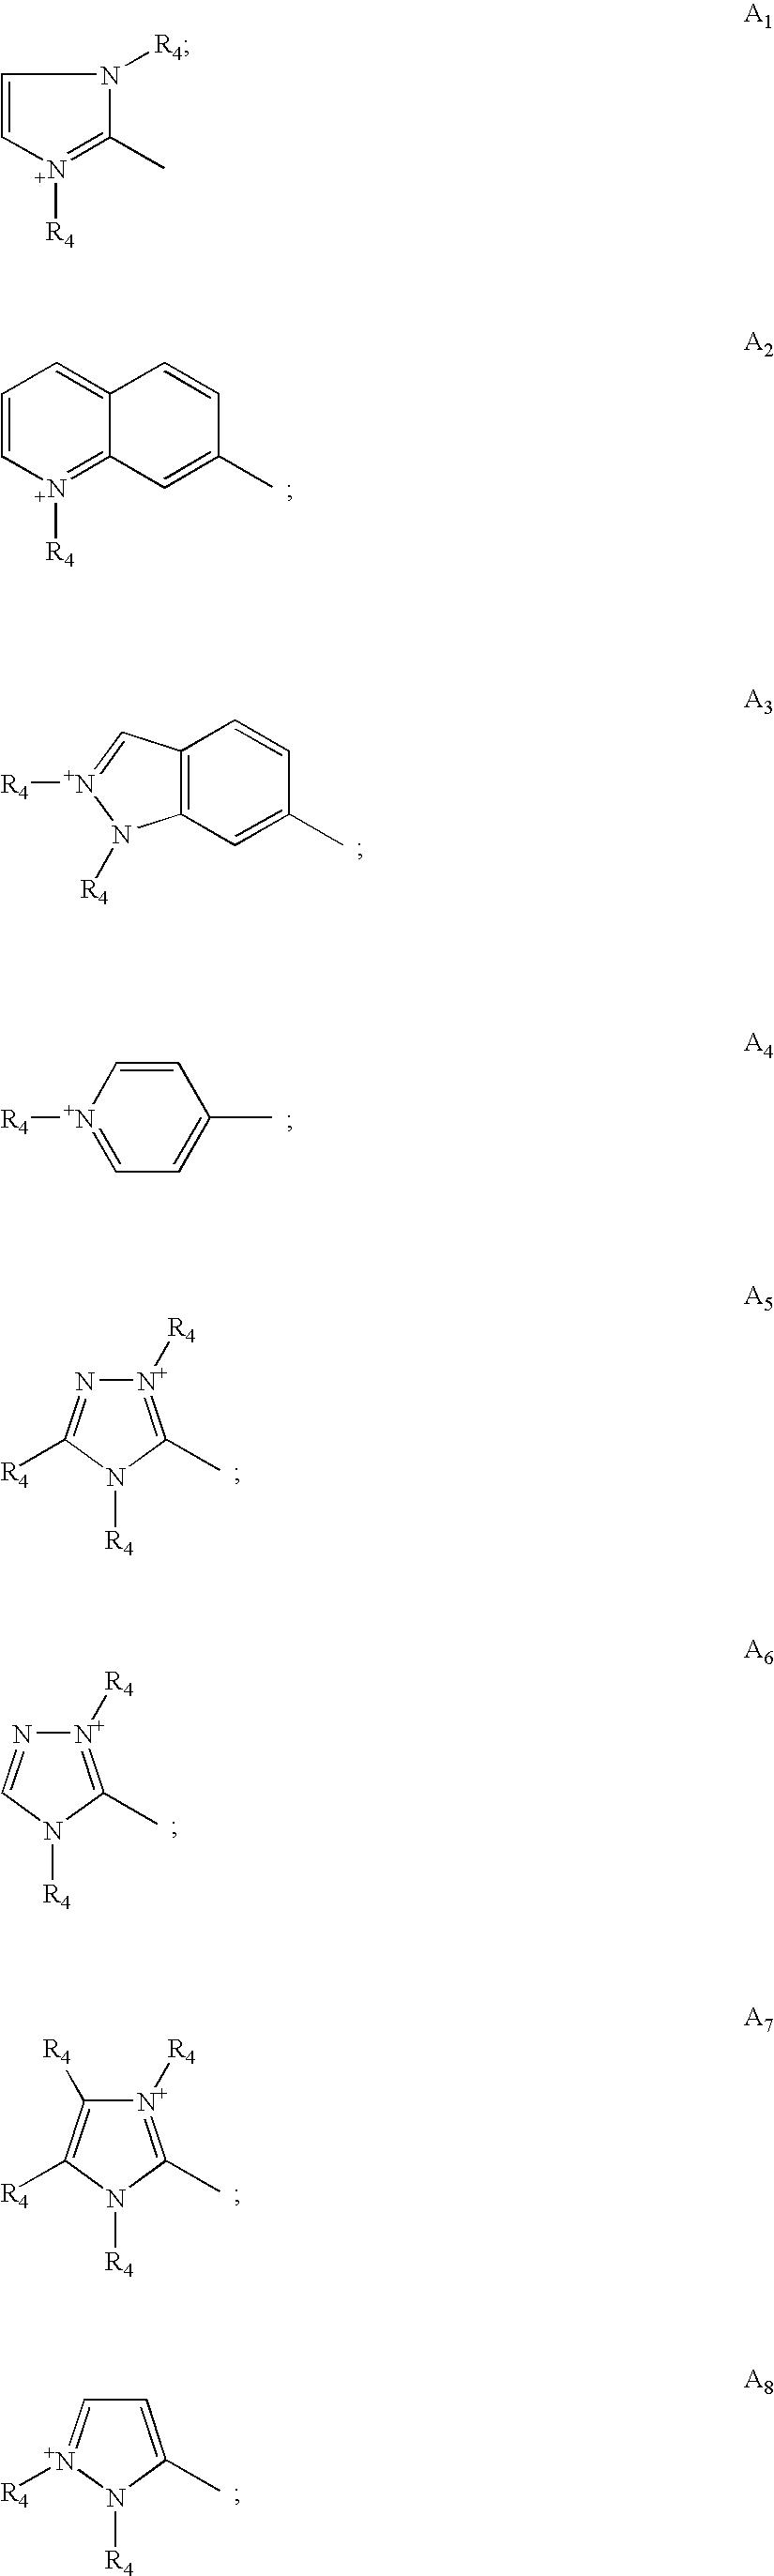 Figure US07918902-20110405-C00003